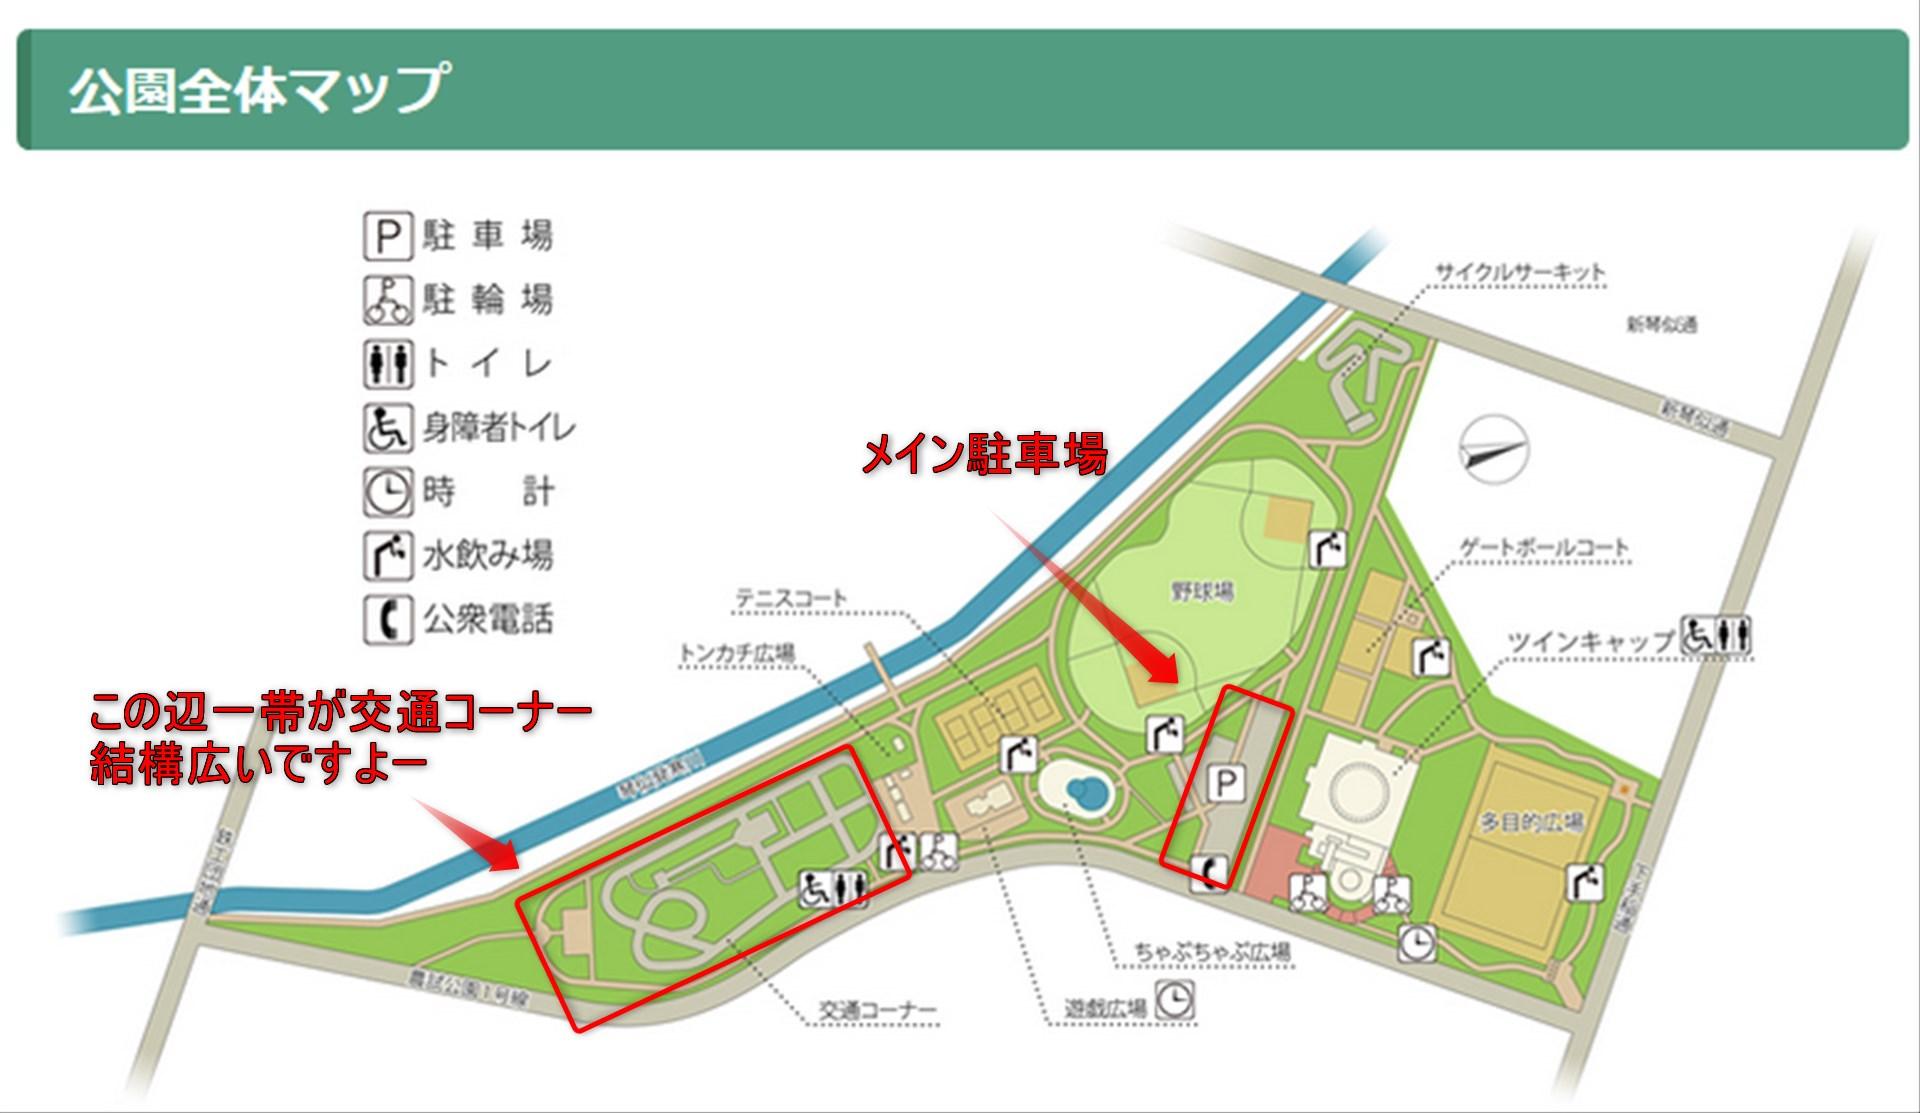 農試公園マップ